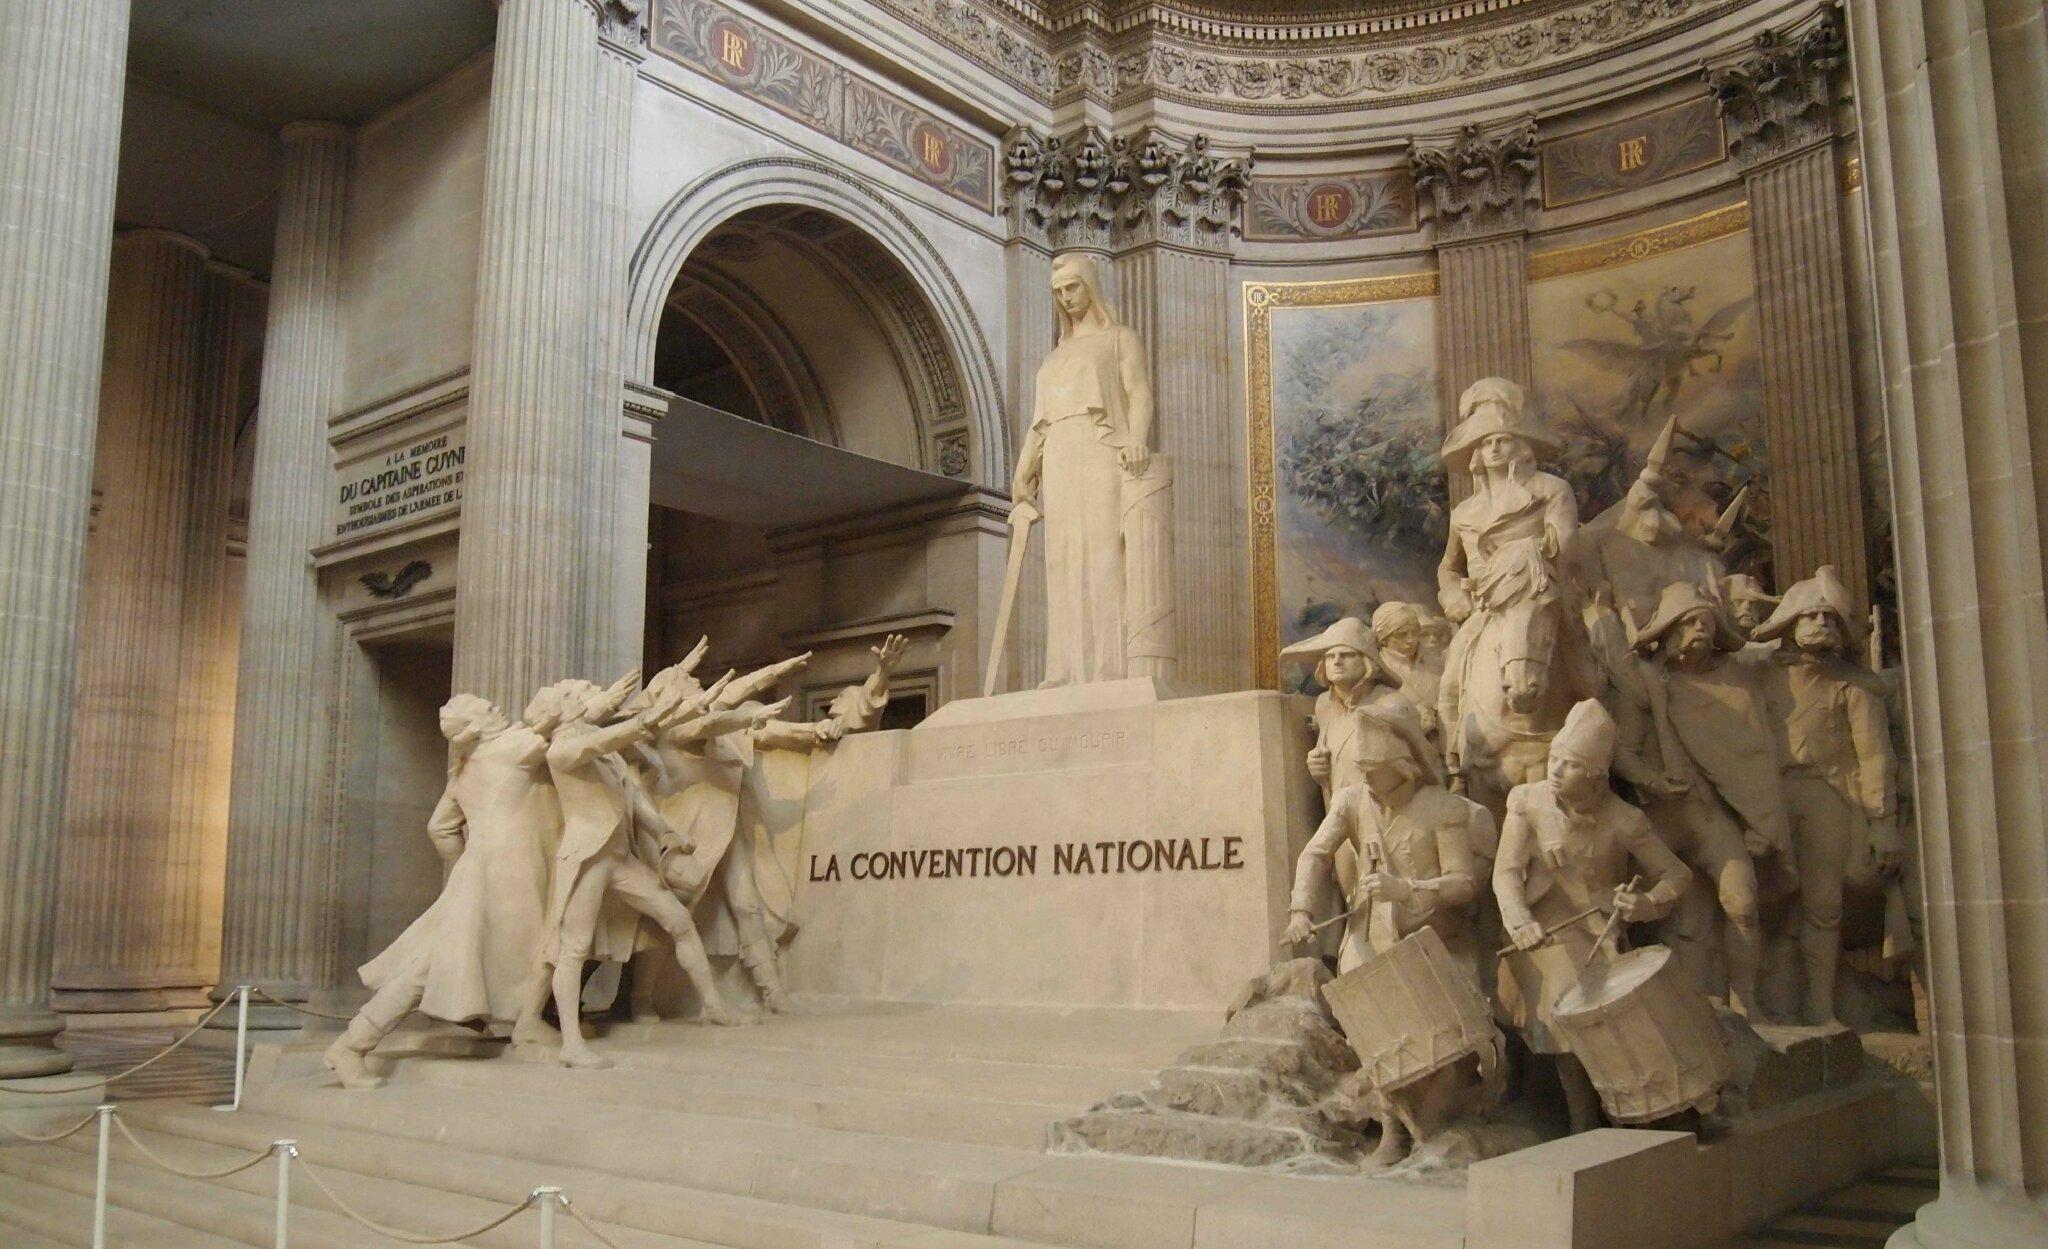 29 juillet 2017, Panthéon : Hommage à Robespierre.